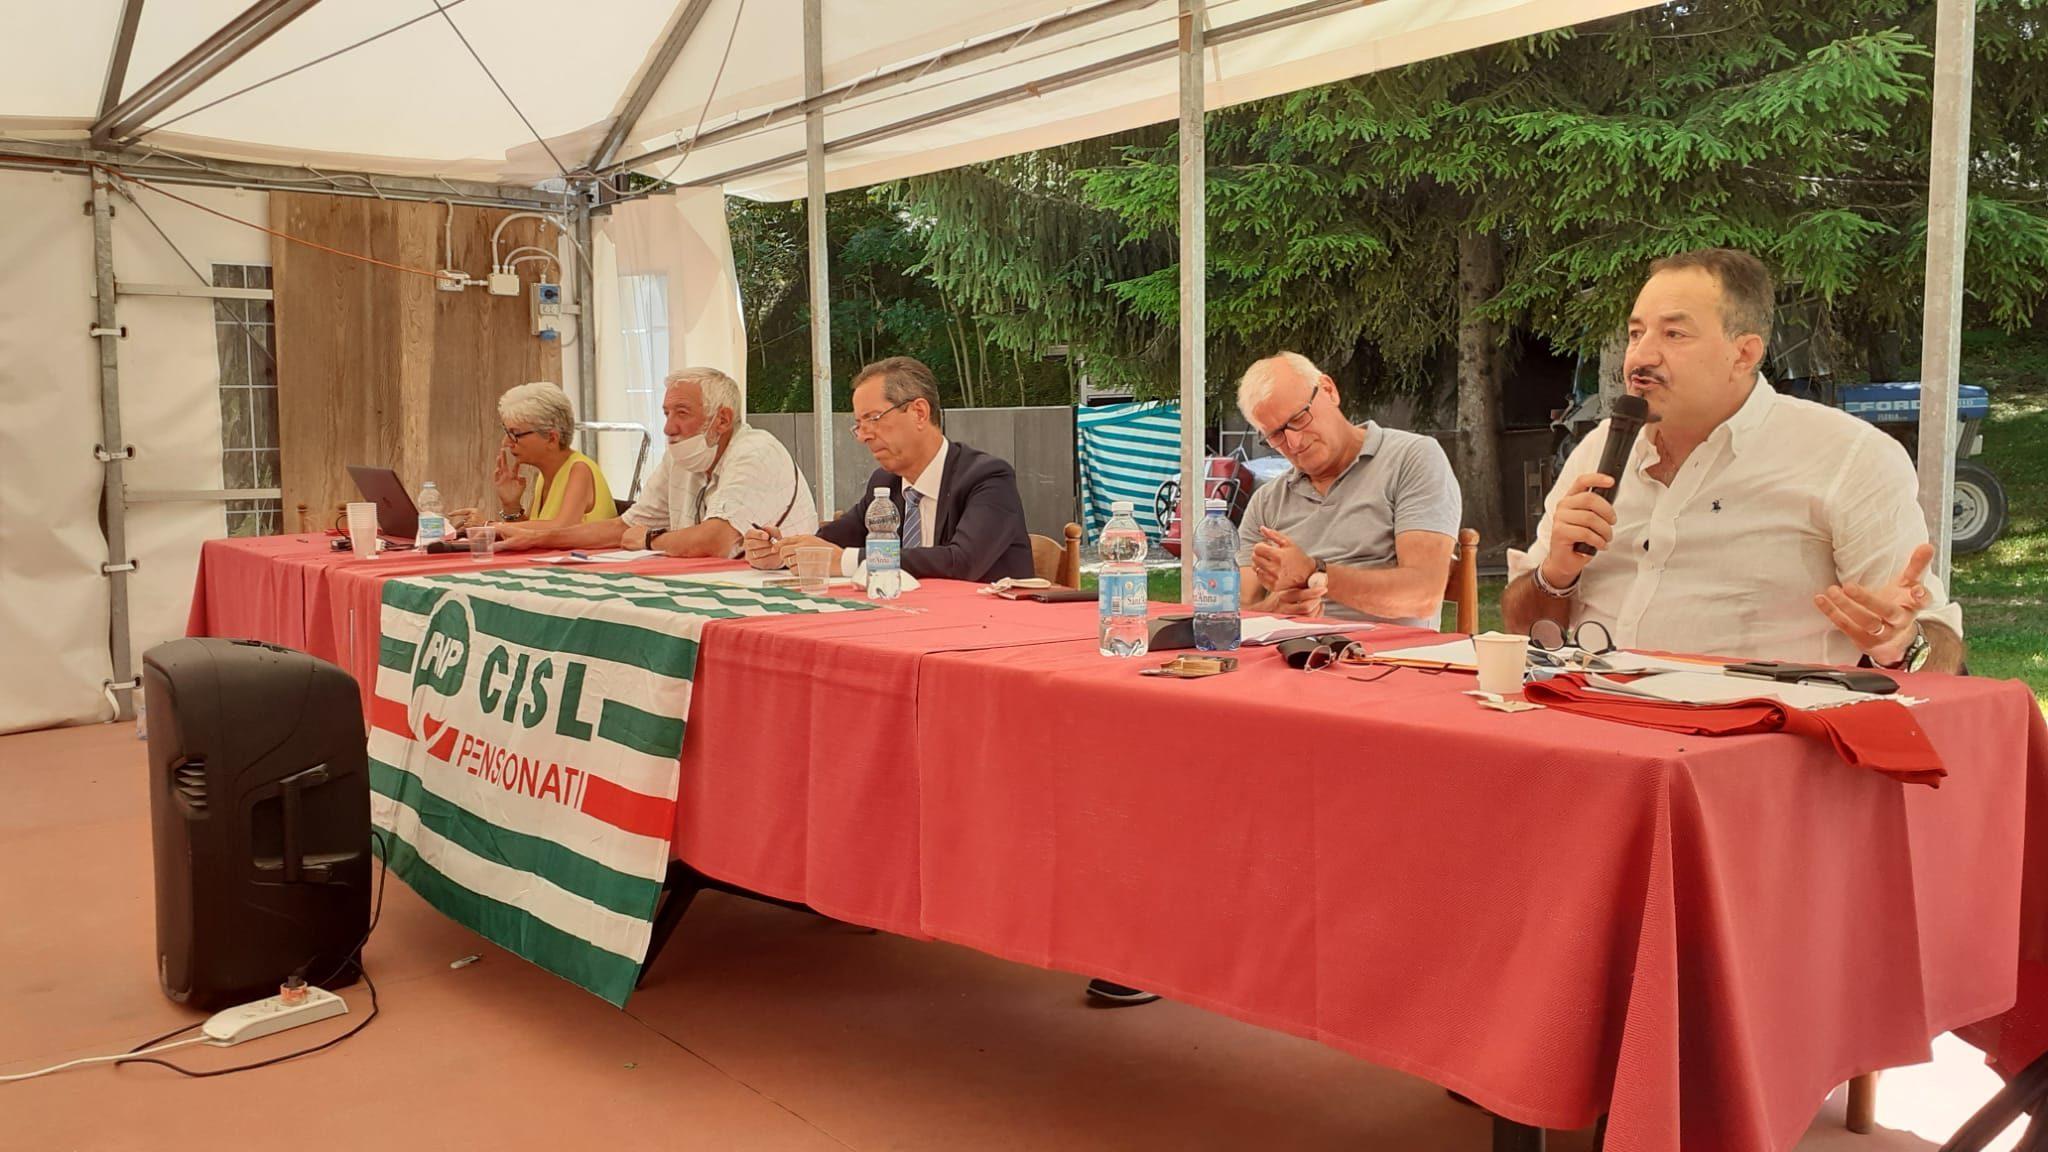 Consiglio generale Fnp Cisl Cuneo: il segretario generale della Cisl cuneese, Enrico Solavagione, con i dirigenti della categoria dei pensionati